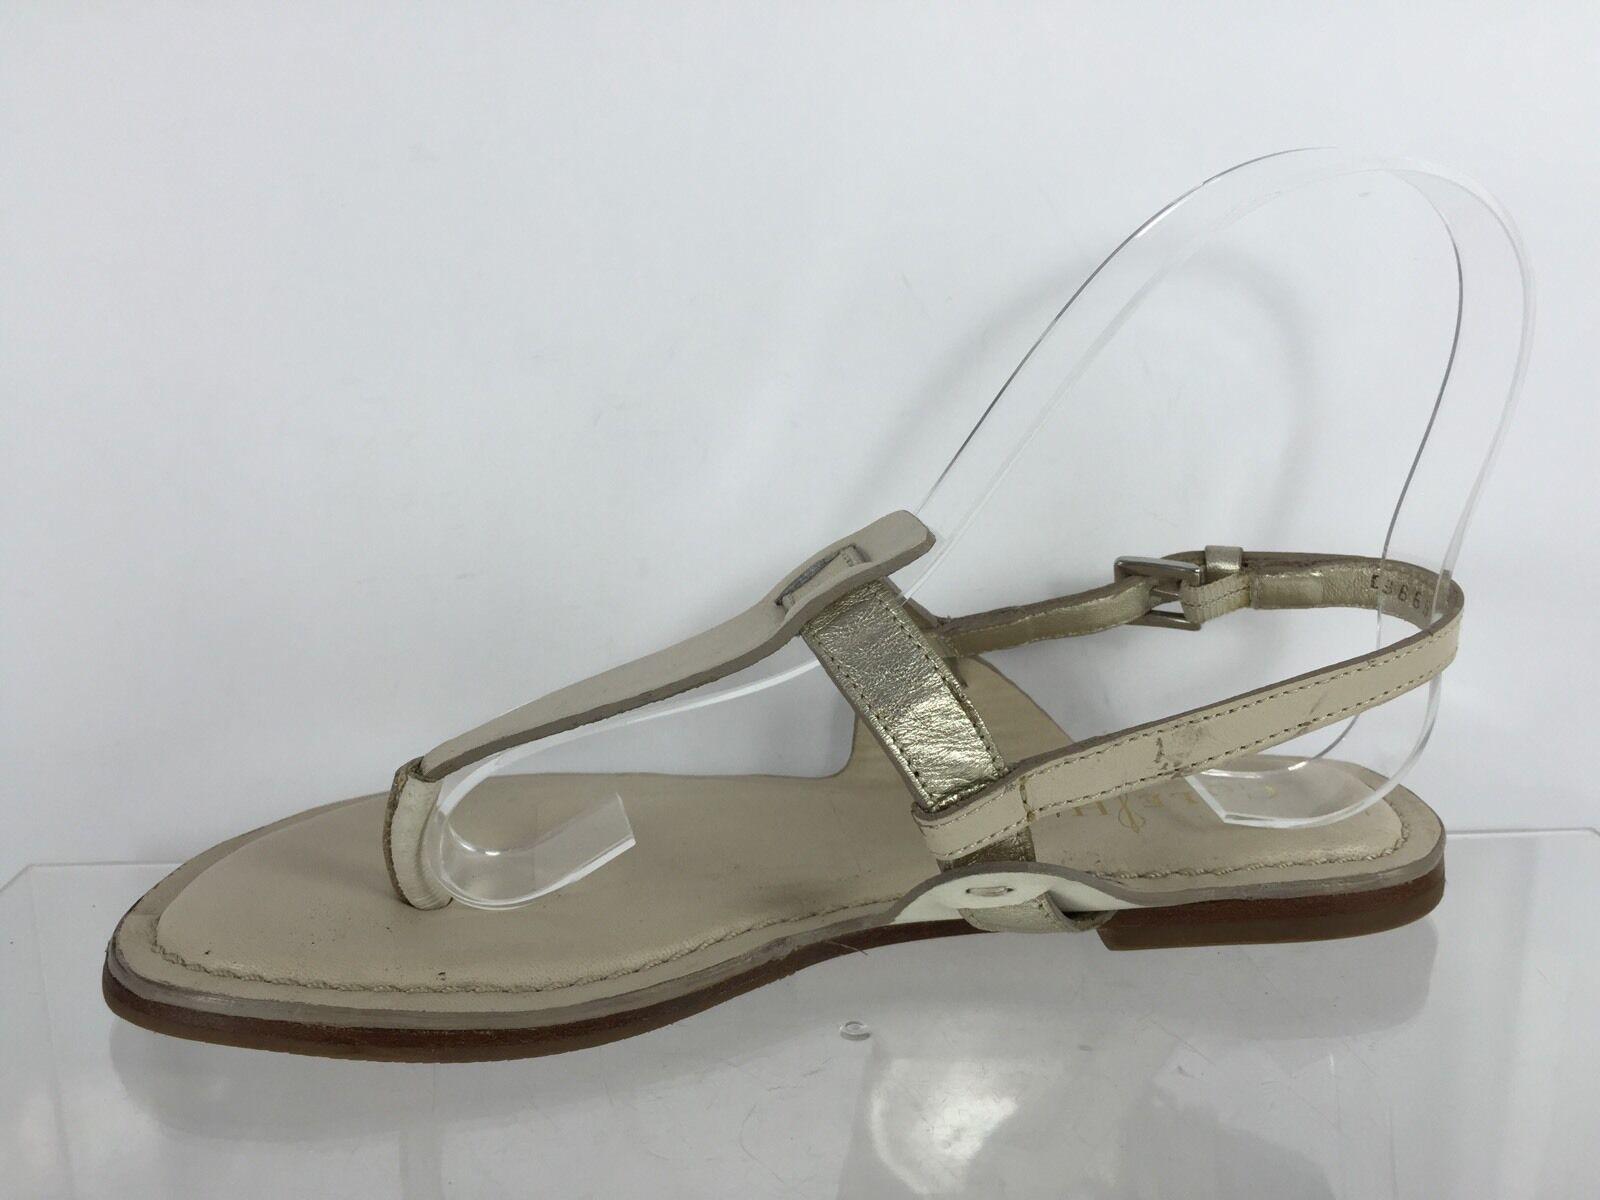 Cole Pelle Haan Donna Ivory Pelle Cole Sandals 5.5 B a024e0